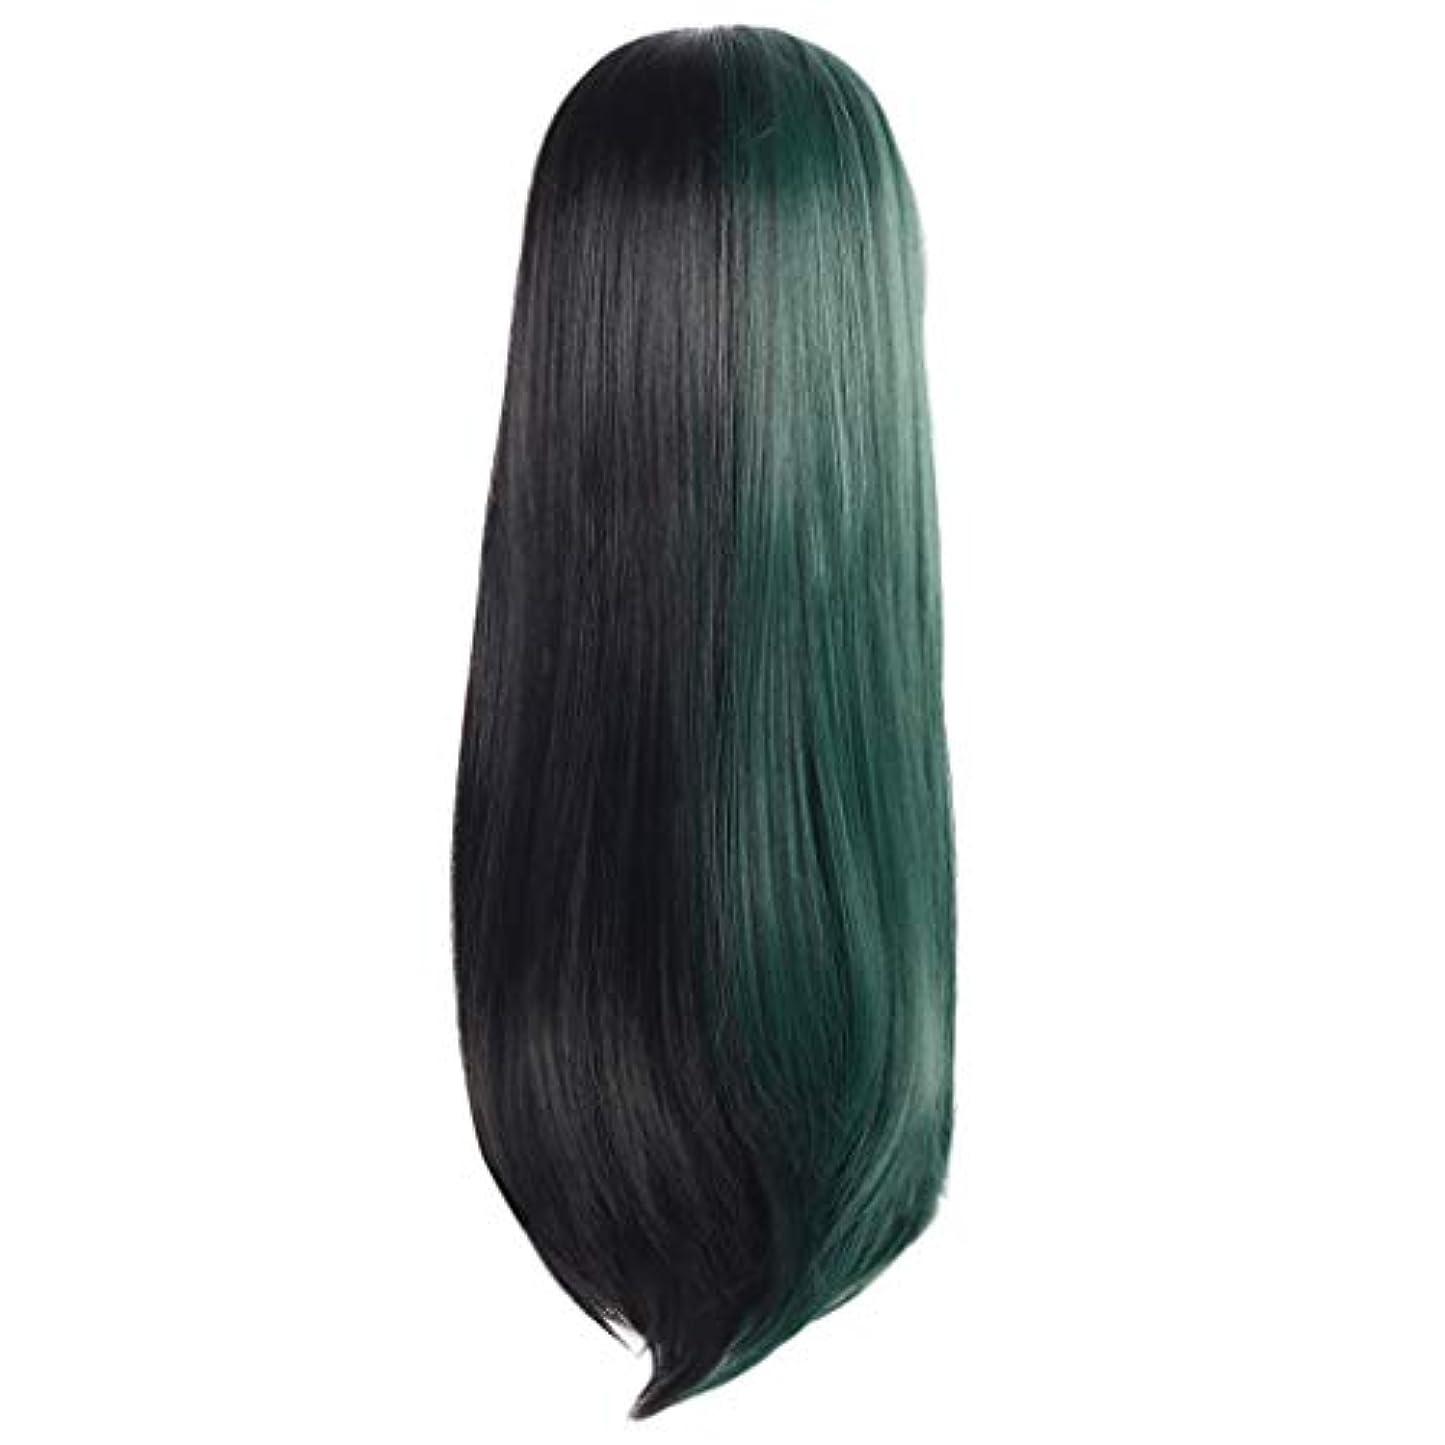 ブロック聴覚障害者篭女性の長いストレートの髪黒緑のかつら創造的な性格かつらローズネット